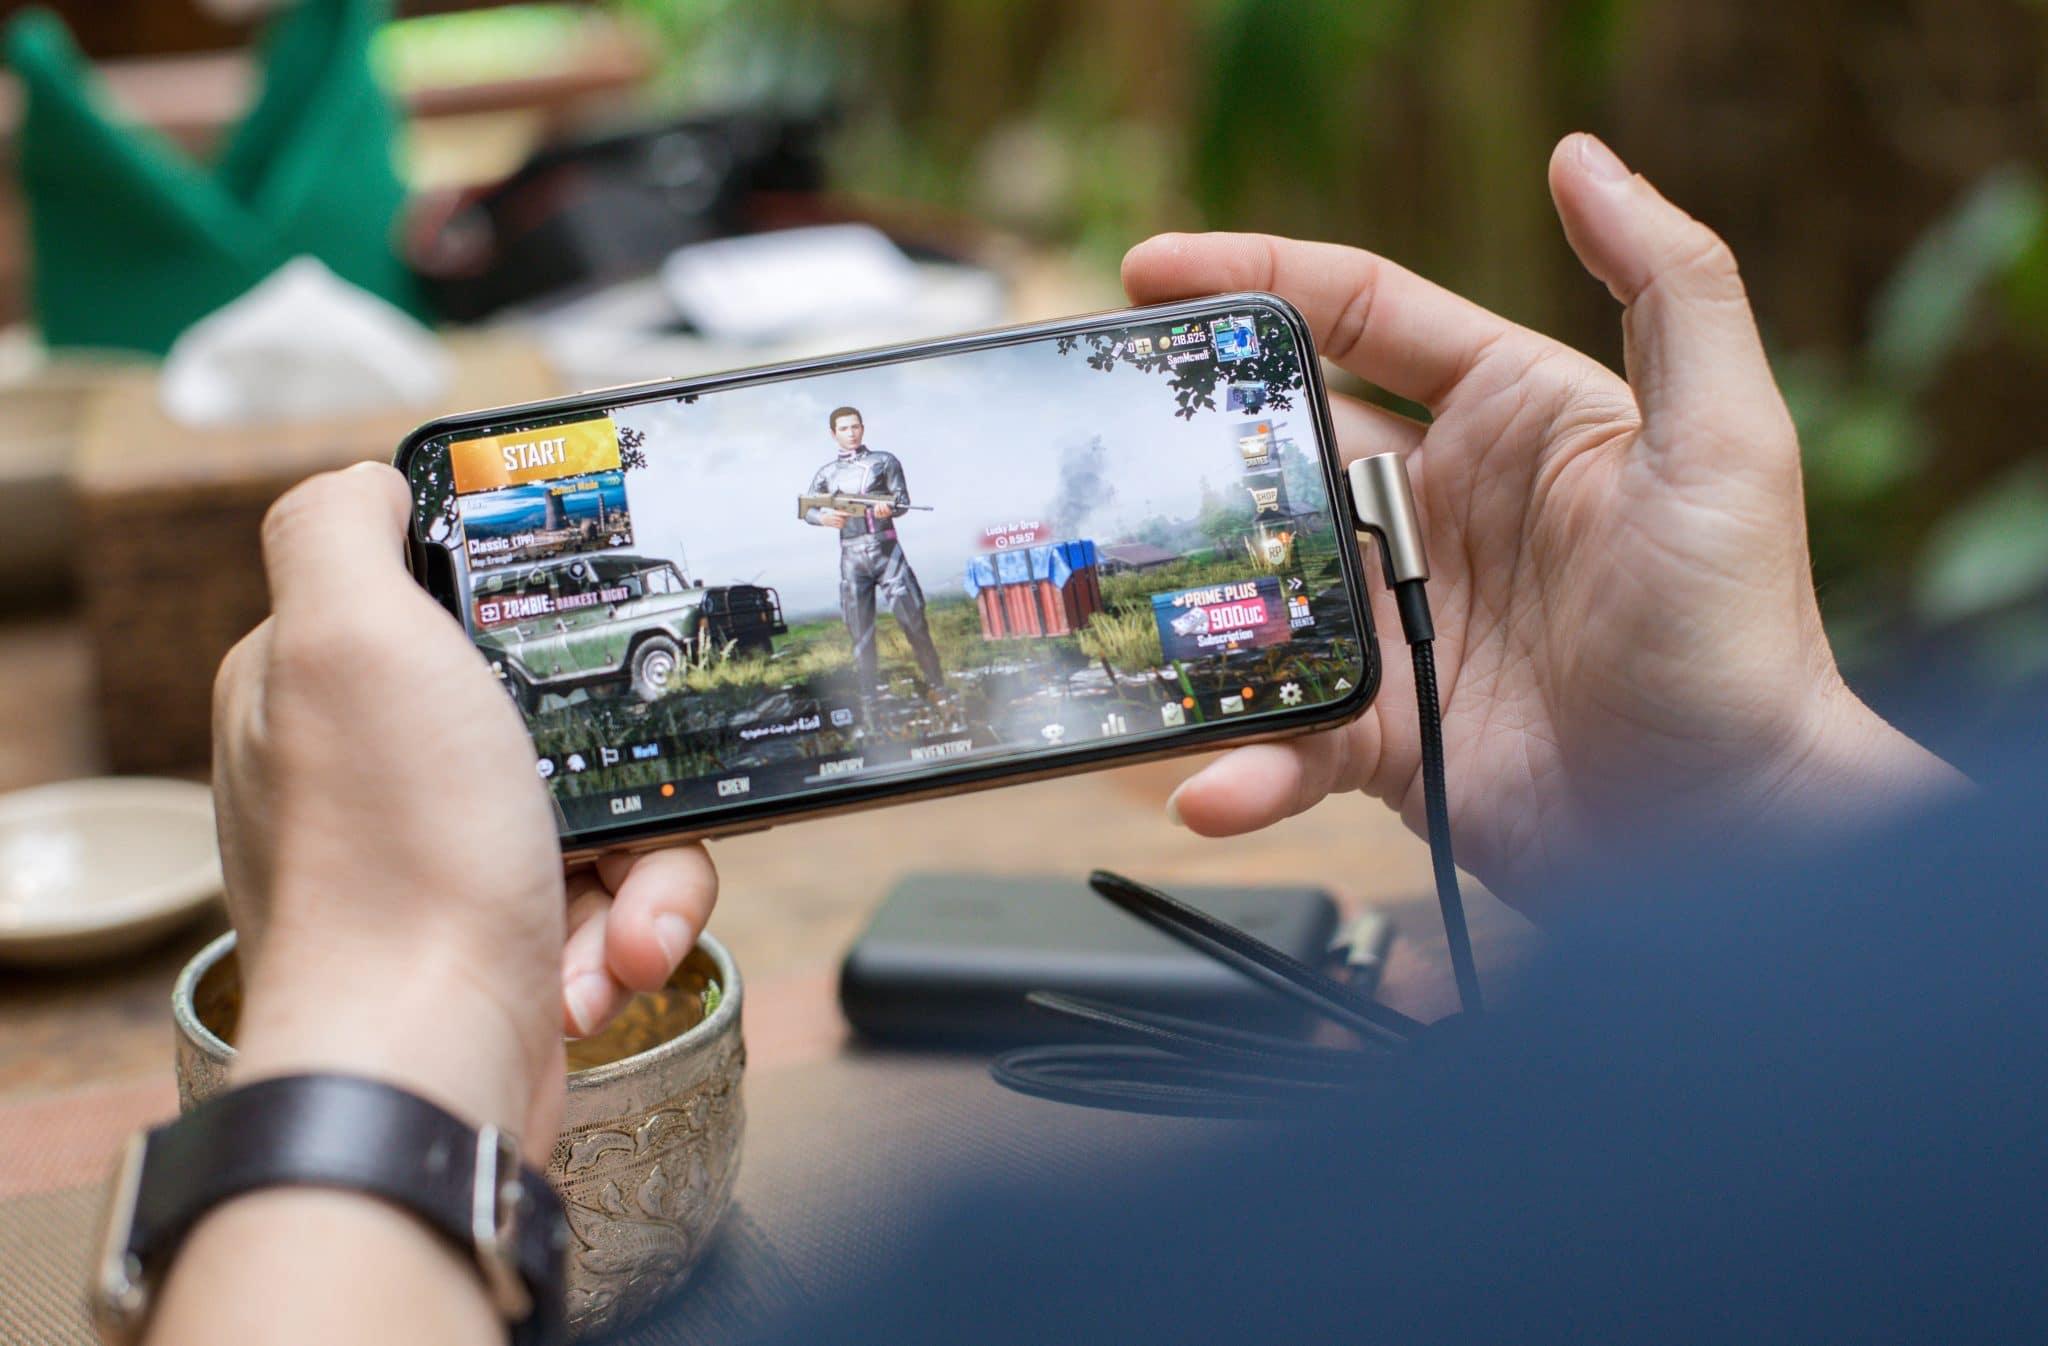 Un nuevo estudio señala que los videojuegos podrían mejorar la salud mental